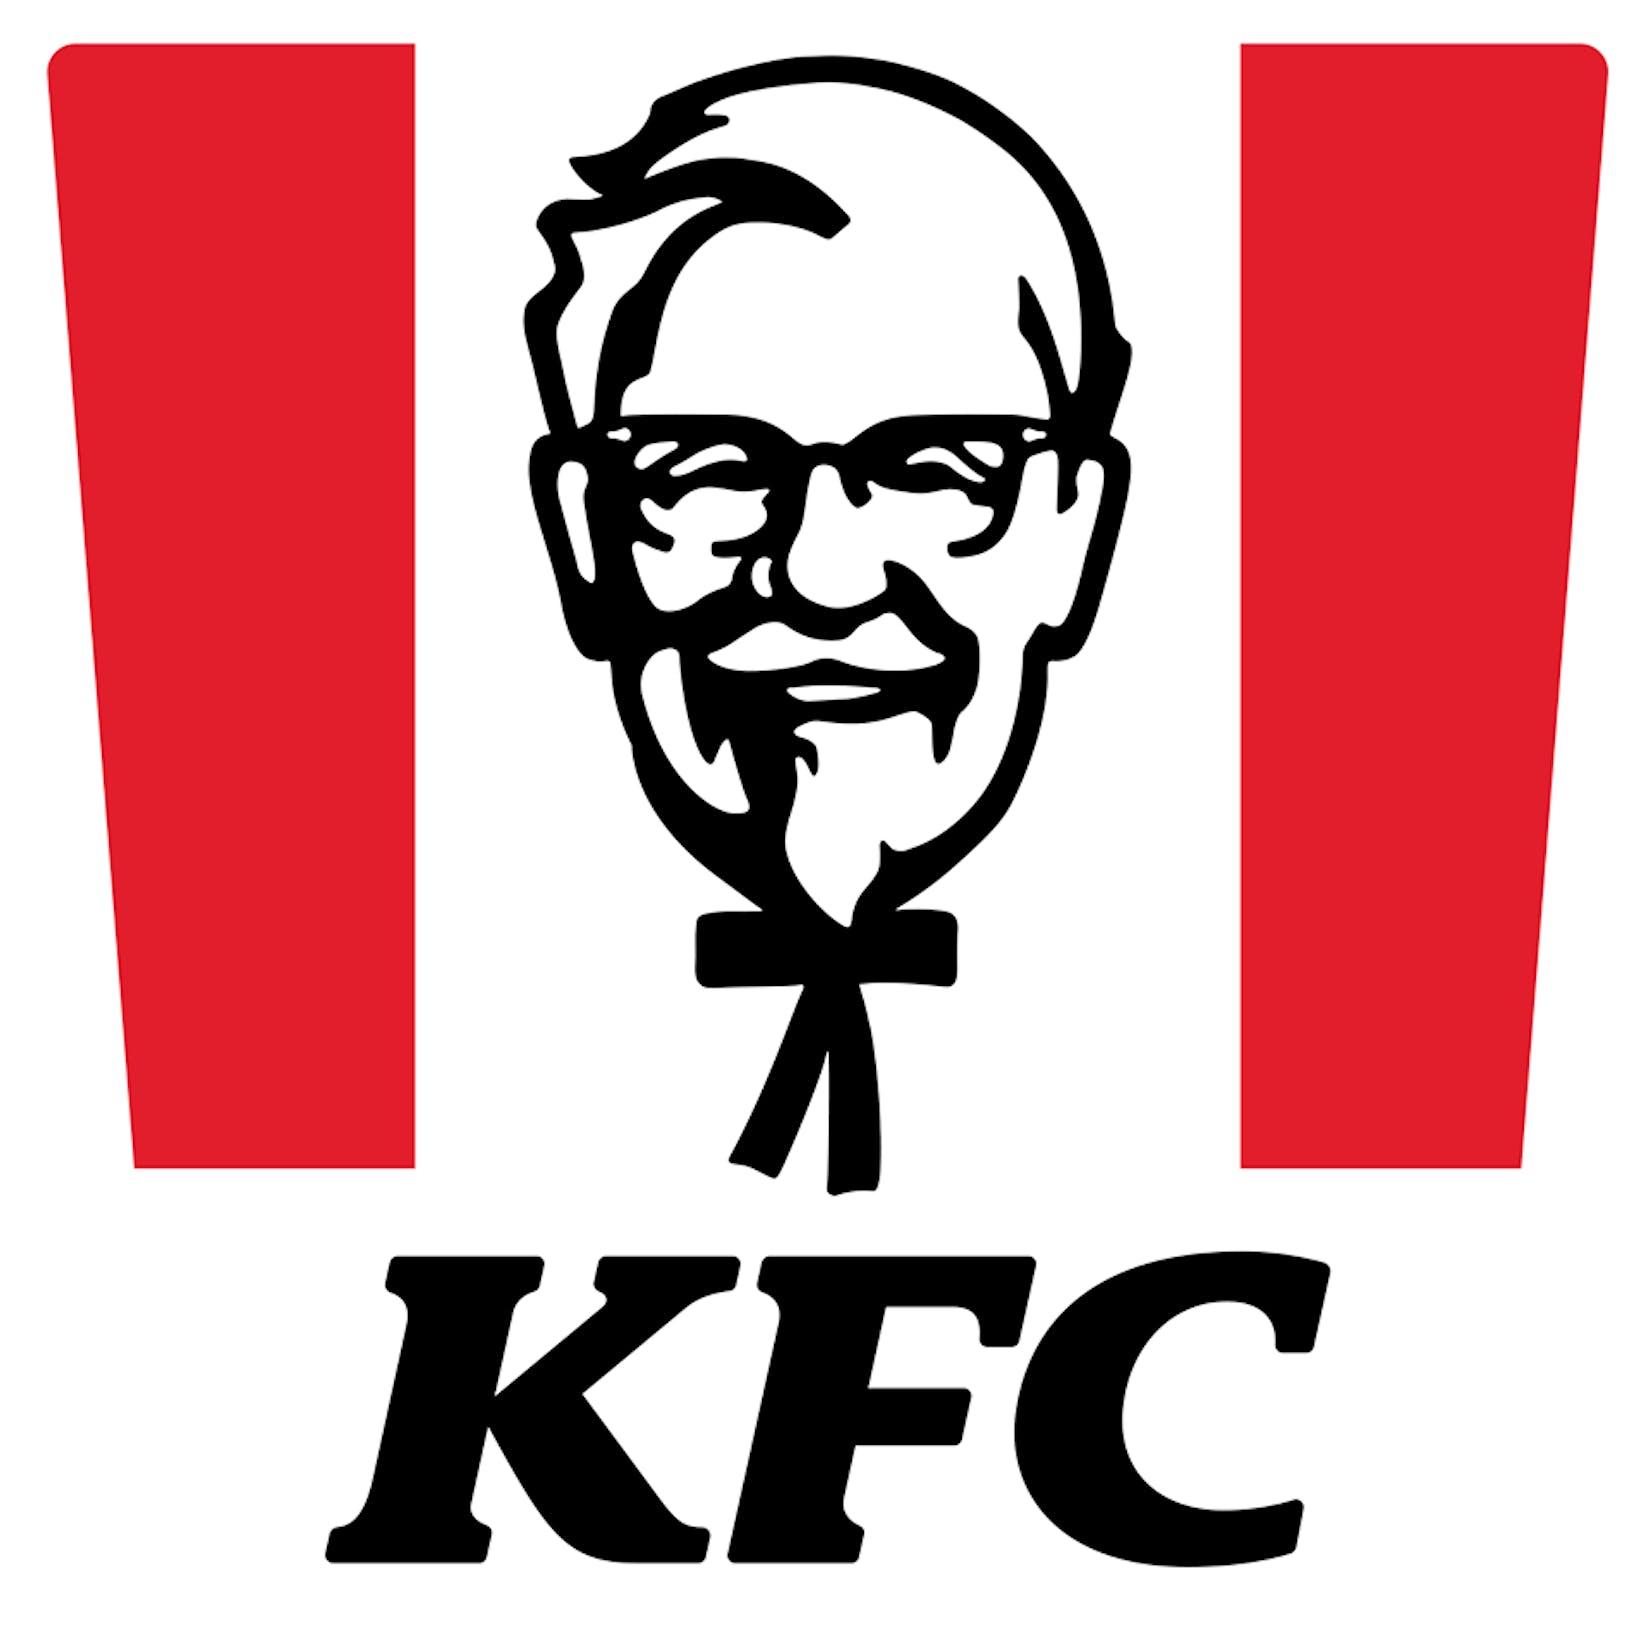 KFC Hledan | yathar